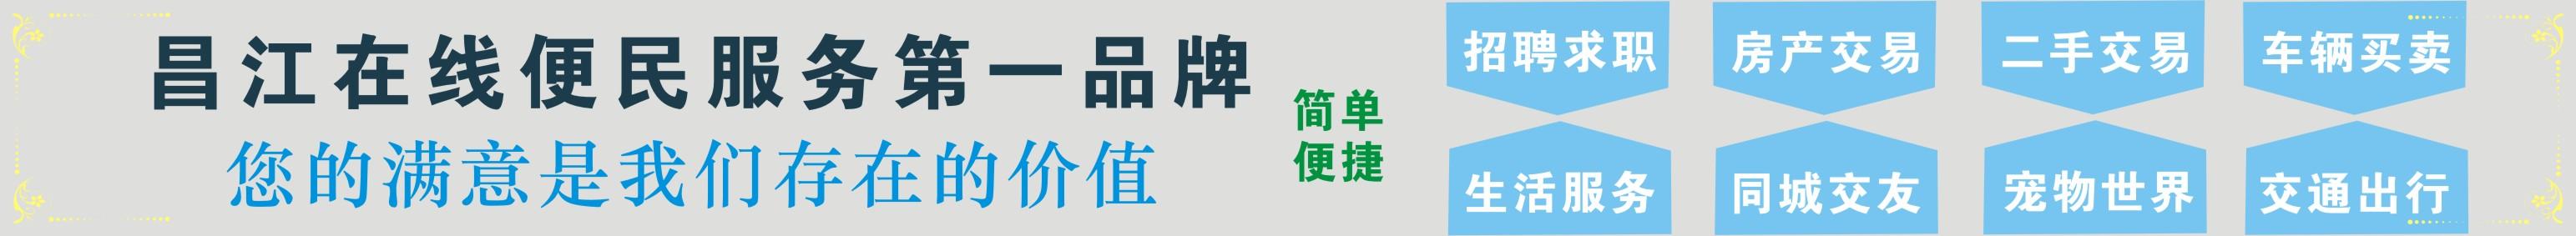 昌江生活服务